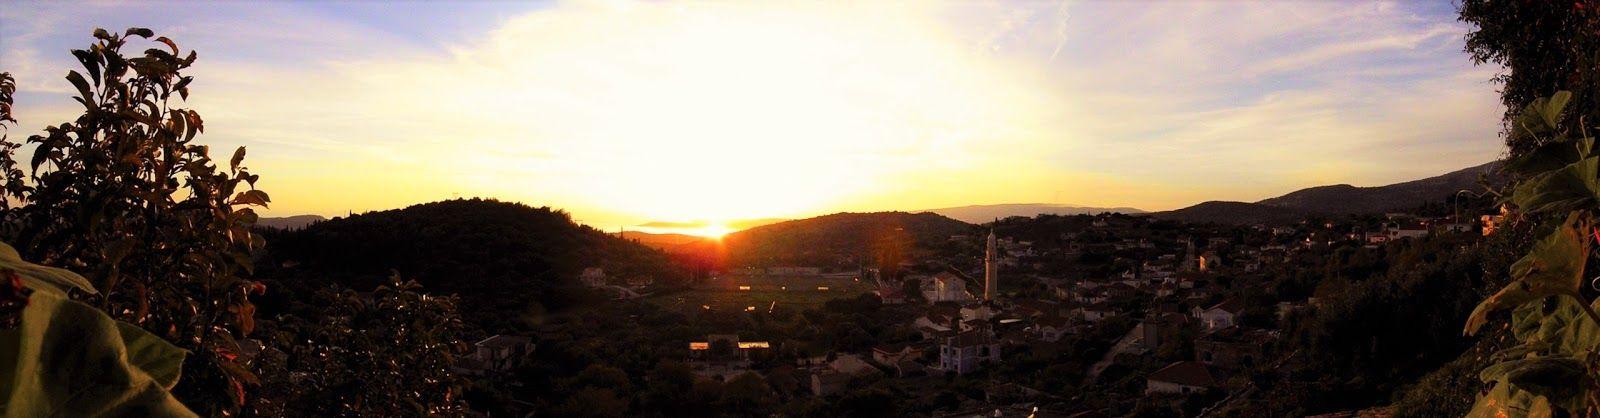 M  o   m   e   n   t   s   b   o   o   k   .   c   o   m: Υπέροχο το σημερινό ηλιοβασίλεμα. Και ζεστό, παρόλ...